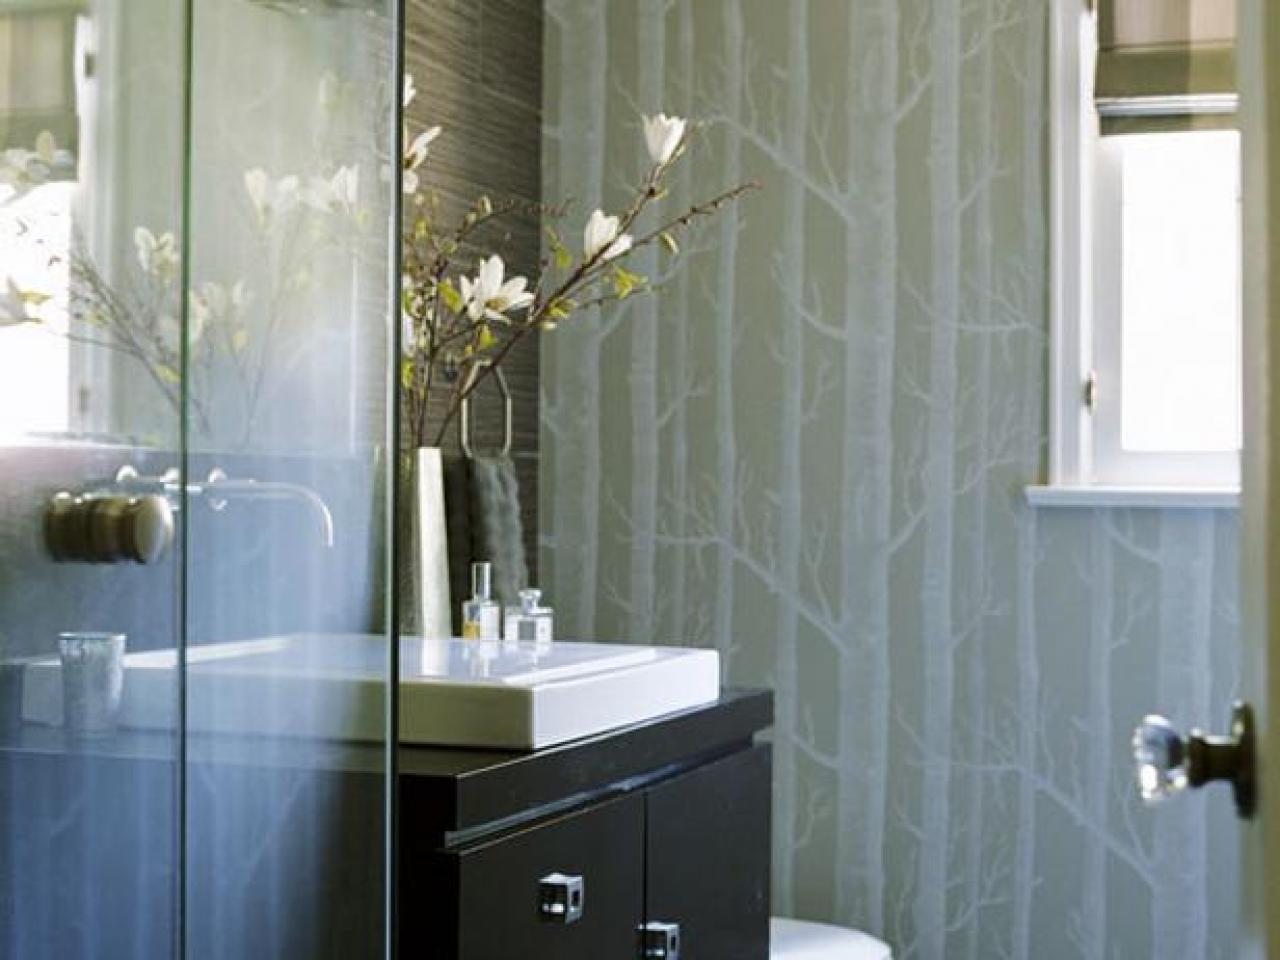 ванная  дизайнерских идей 10 дизайнерских идей, которые наверняка улучшат качество Вашей жизни Nice HGTV Bathroom Remodels